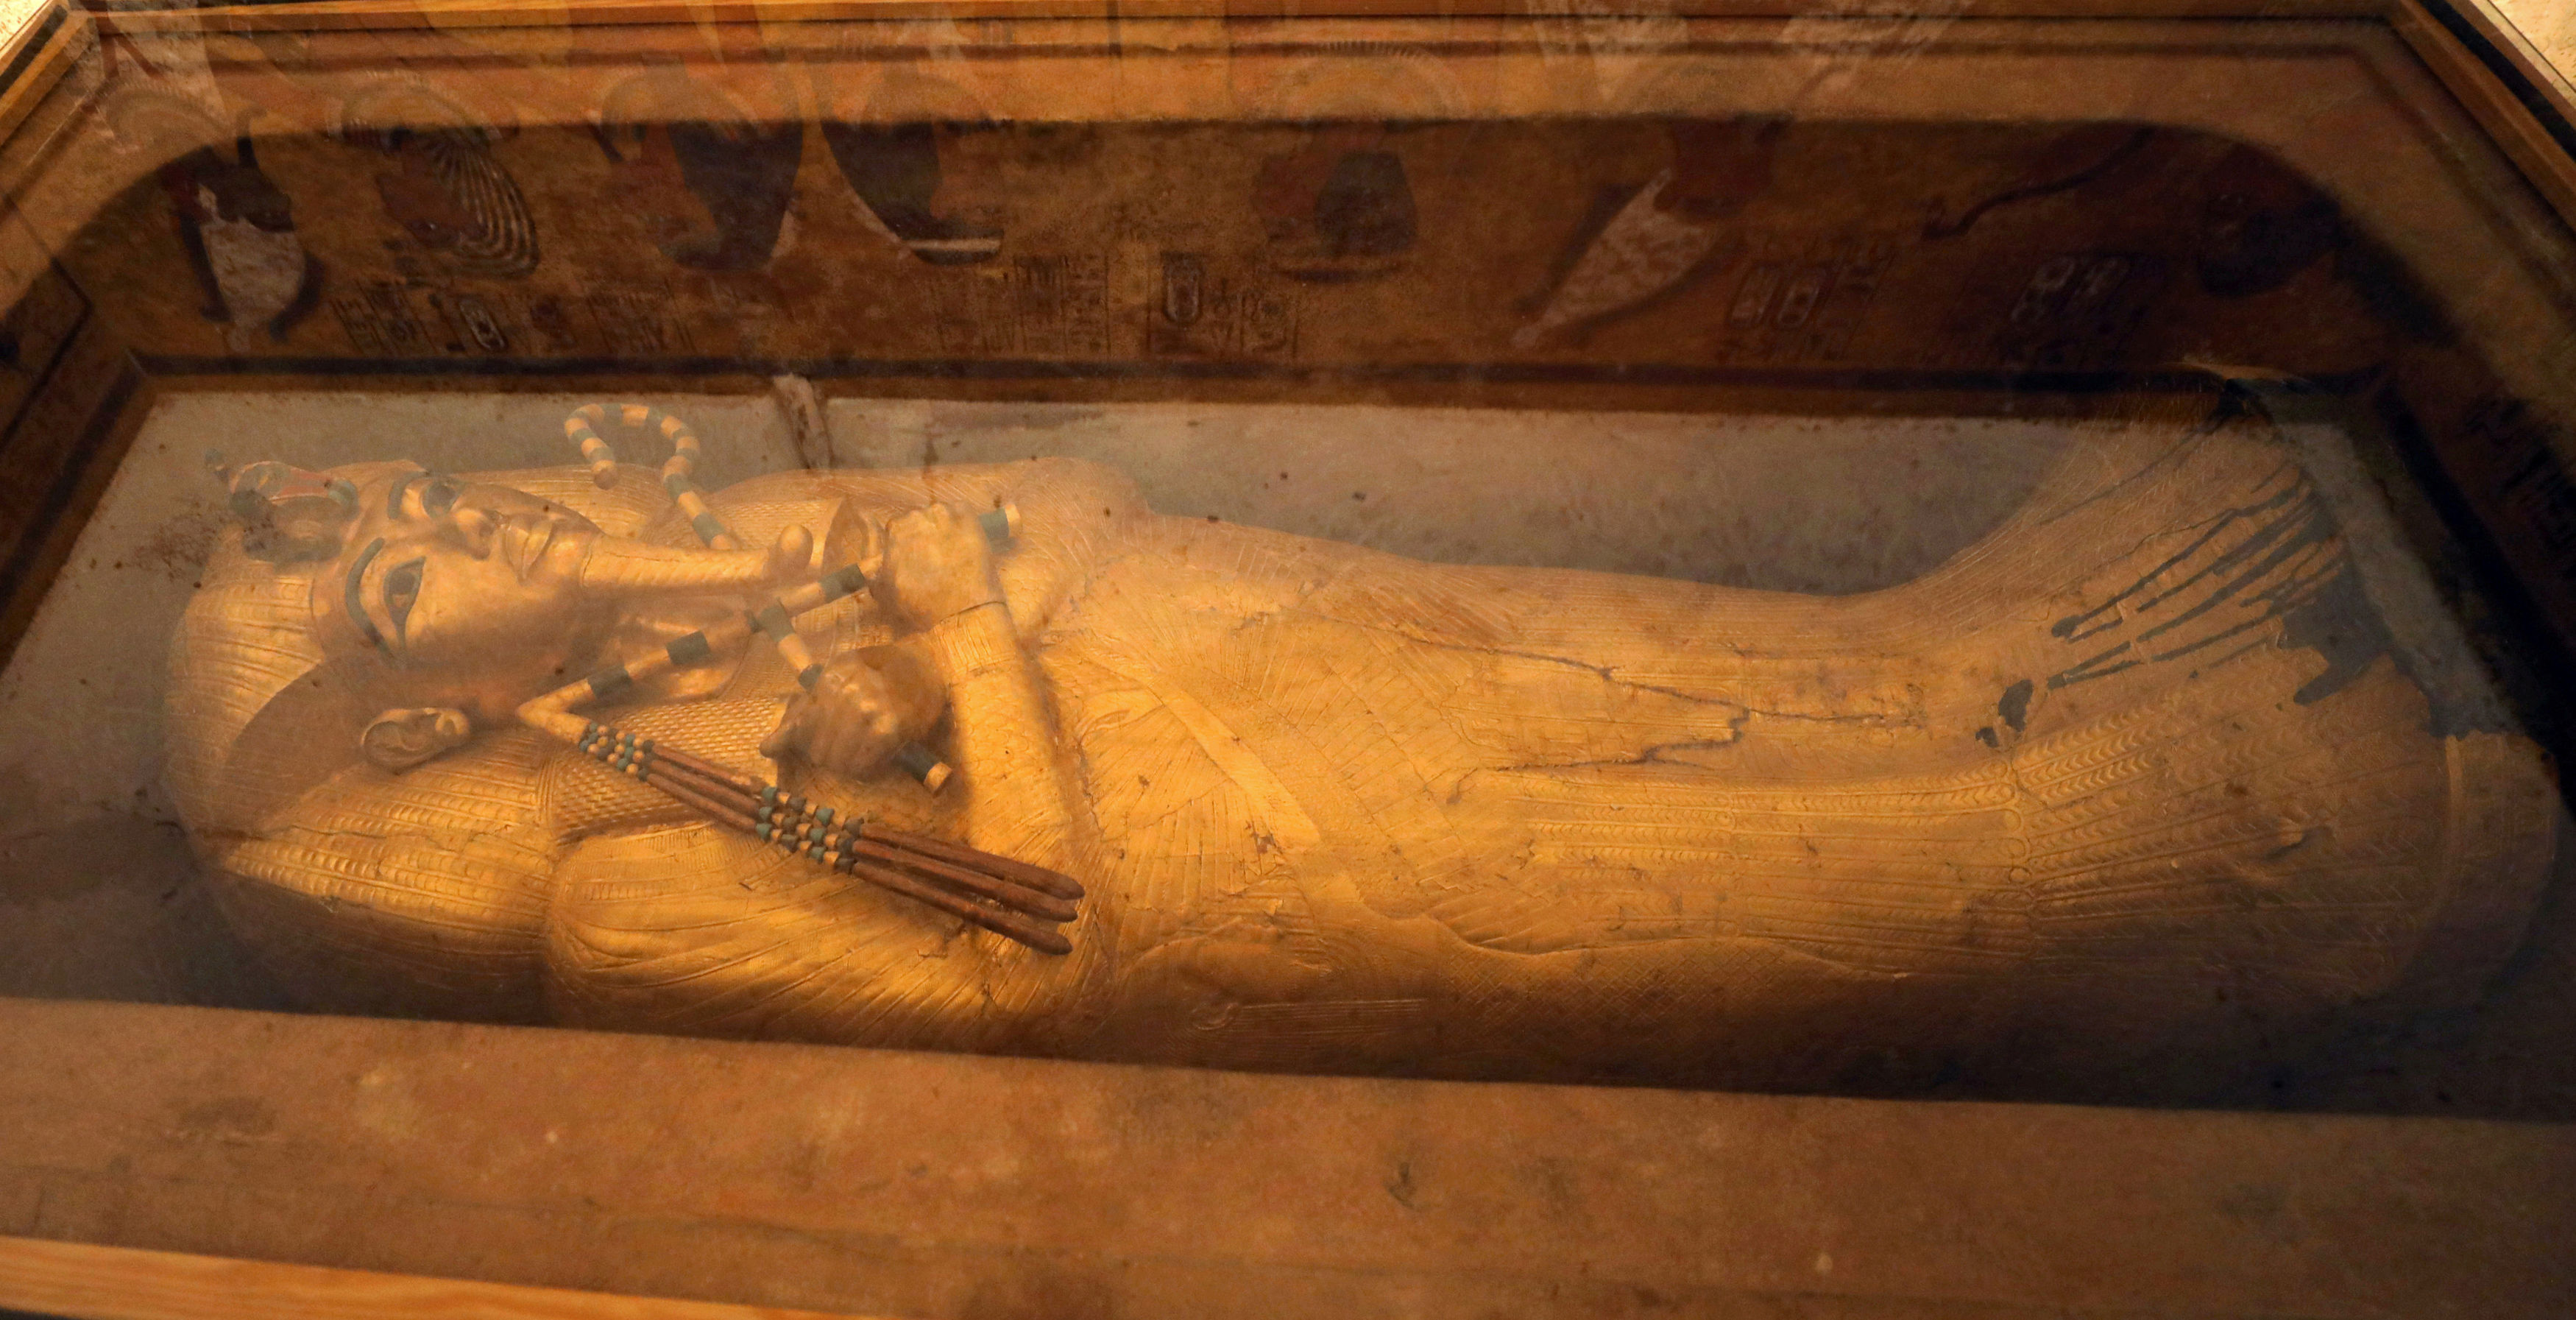 aigyptos-i-epichrysi-sarkofagos-toy-toytagchamon-syntireitai-gia-proti-fora-stin-istoria-tis1